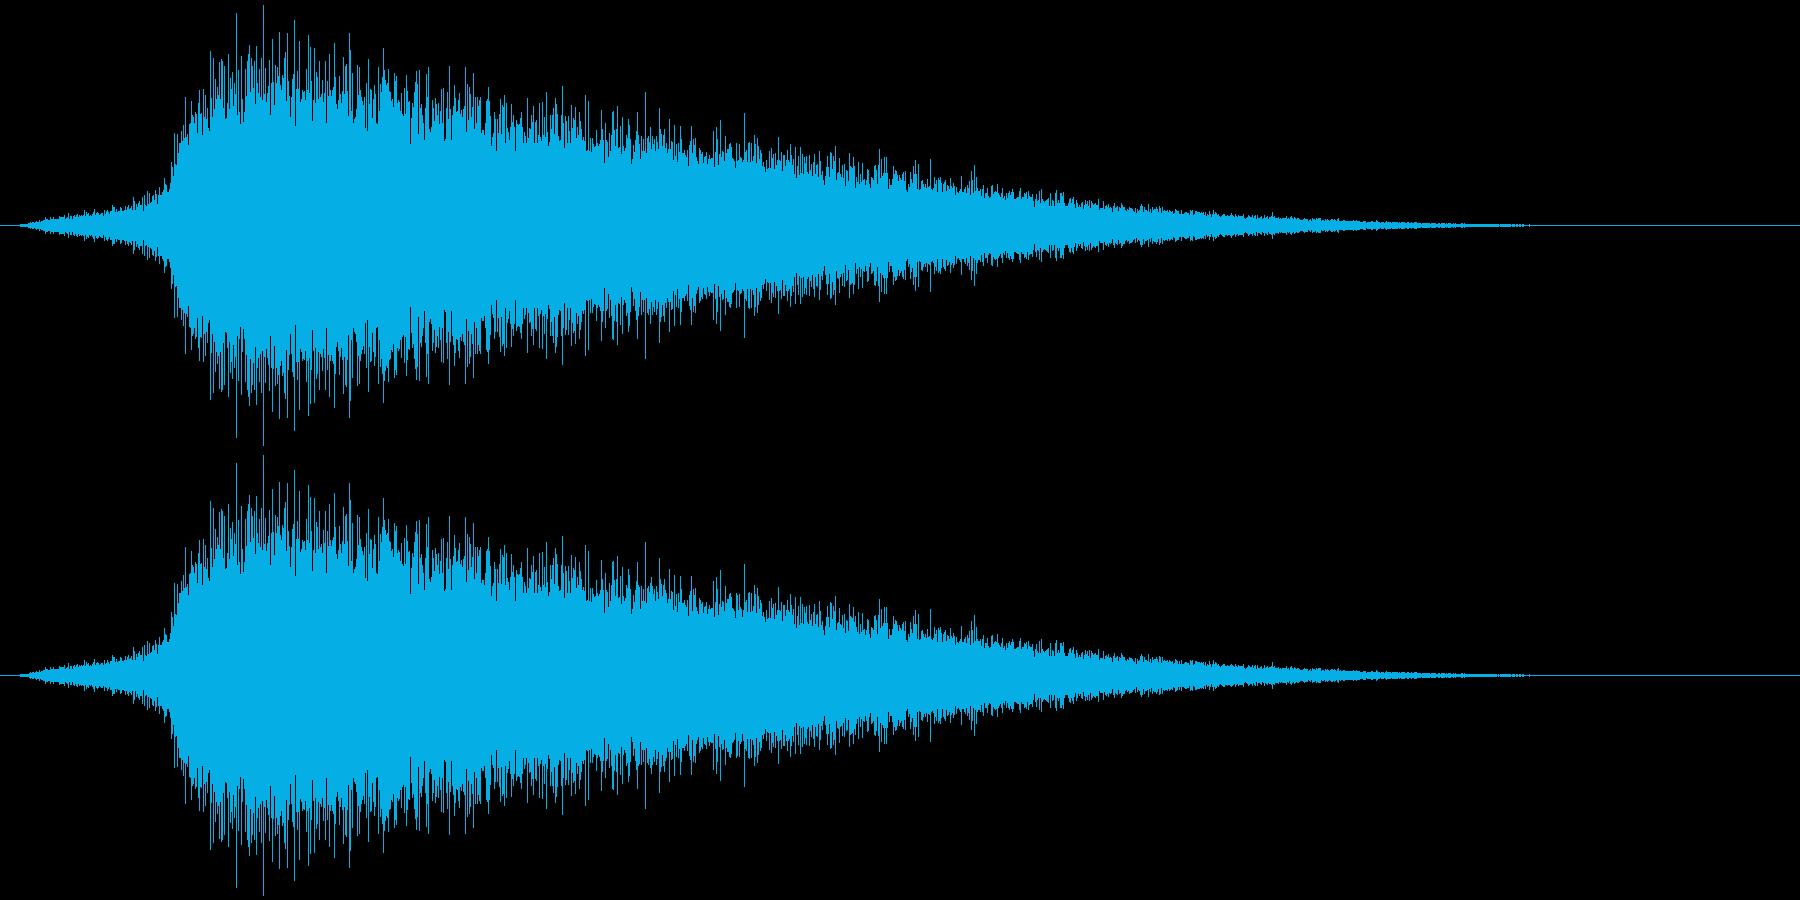 シュワ~。焼ける・蒸発する音B(短め)の再生済みの波形